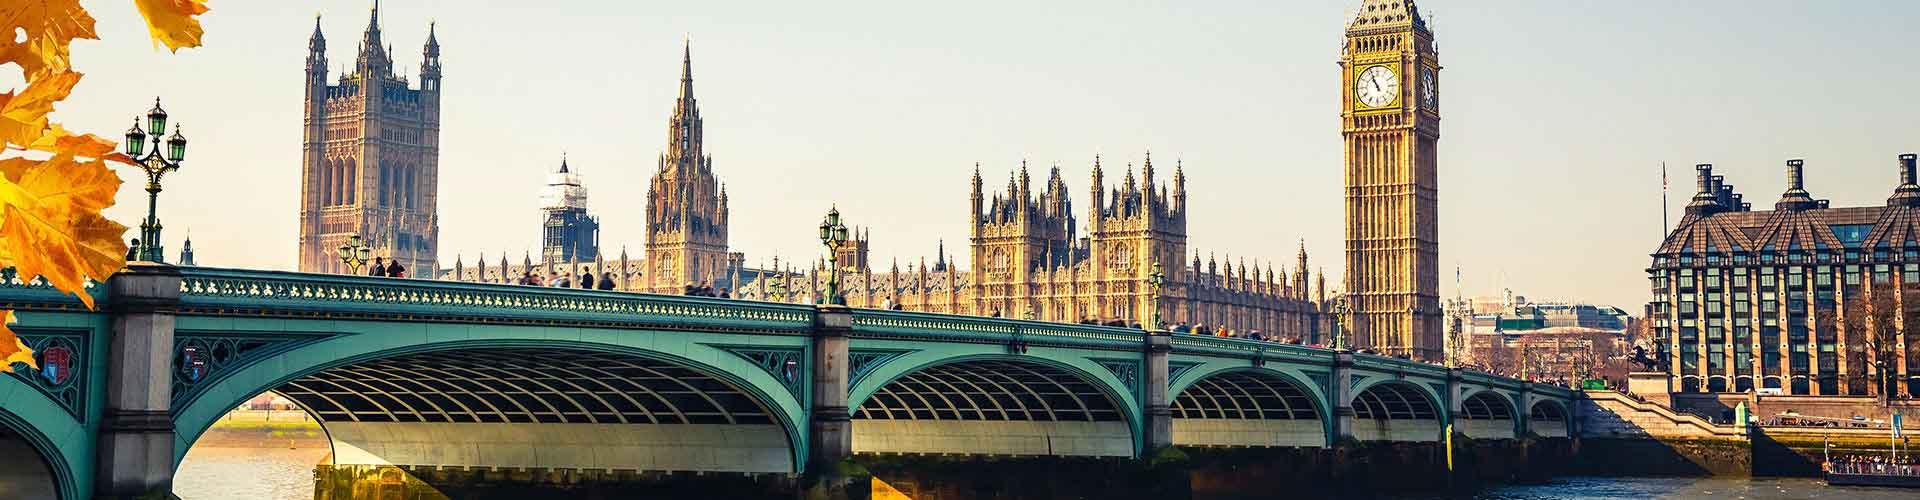 런던 - Peckham지역에 위치한 호스텔. 런던의 지도, 런던에 위치한 호스텔에 대한 사진 및 리뷰.